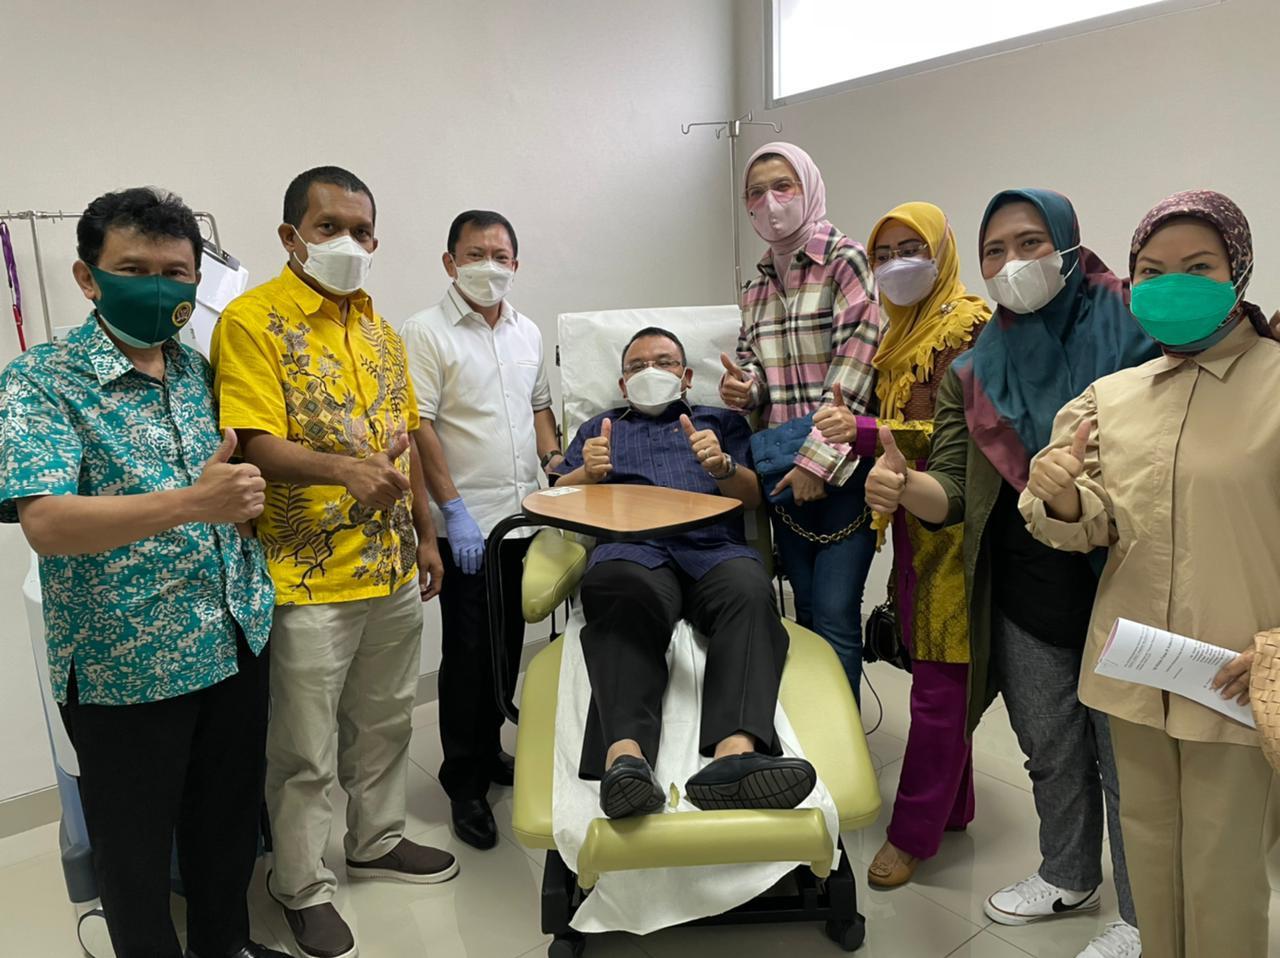 Anggota DPR RI Menerima Suntikan Sel Deindritik Vaksin Nusantara di RSPAD - JPNN.com